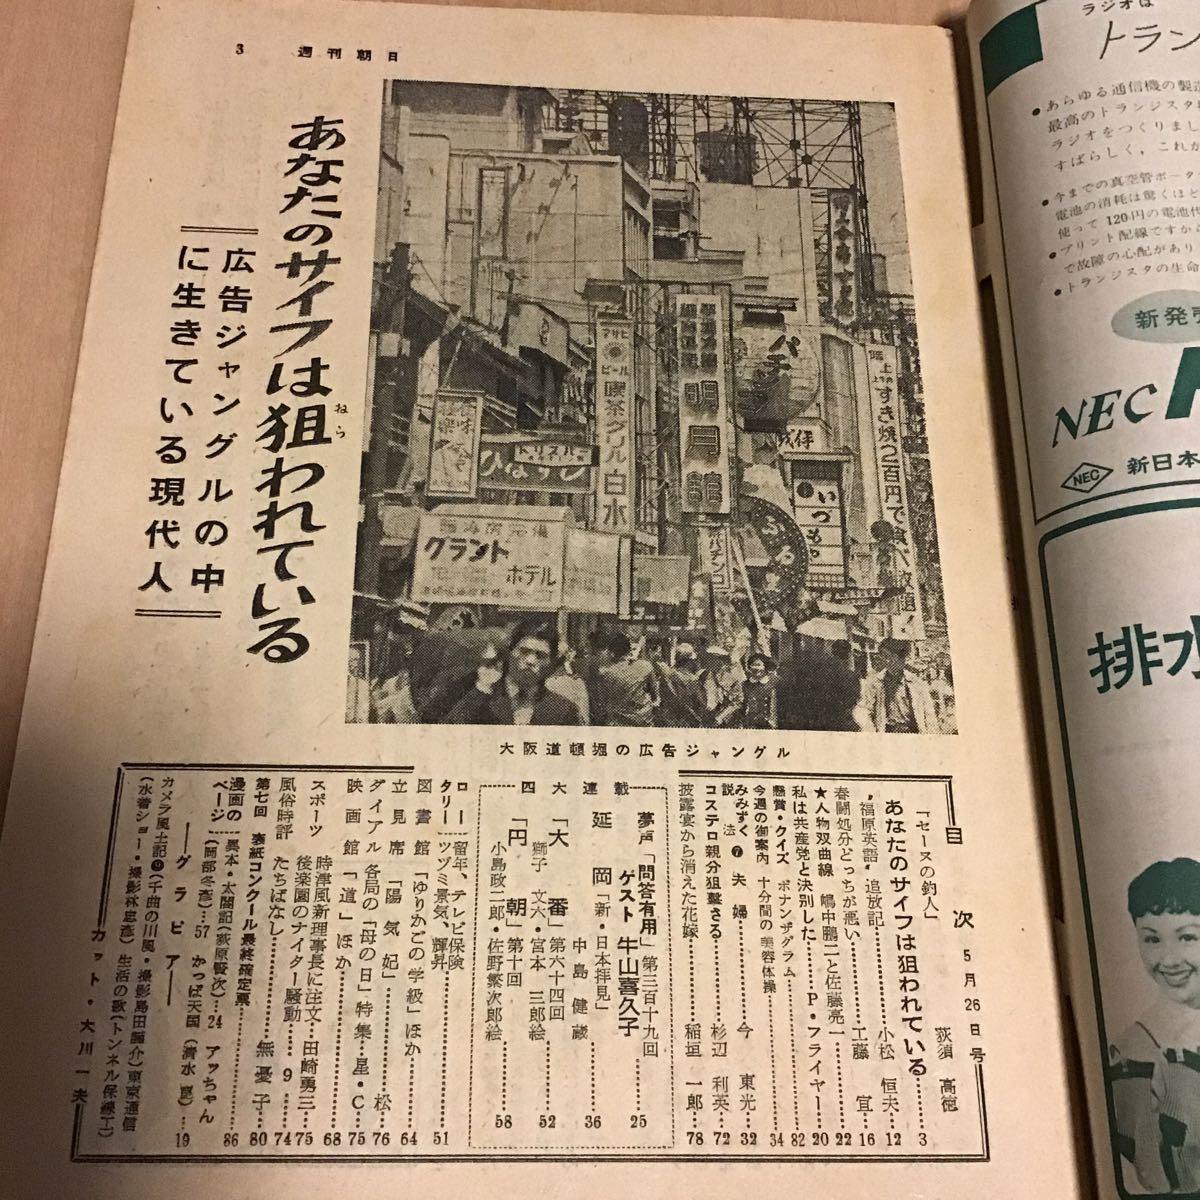 週刊朝日 昭和32年5月26日号 1957年 表紙 荻須高徳 セーヌの釣人 / 牛山喜久子_画像4